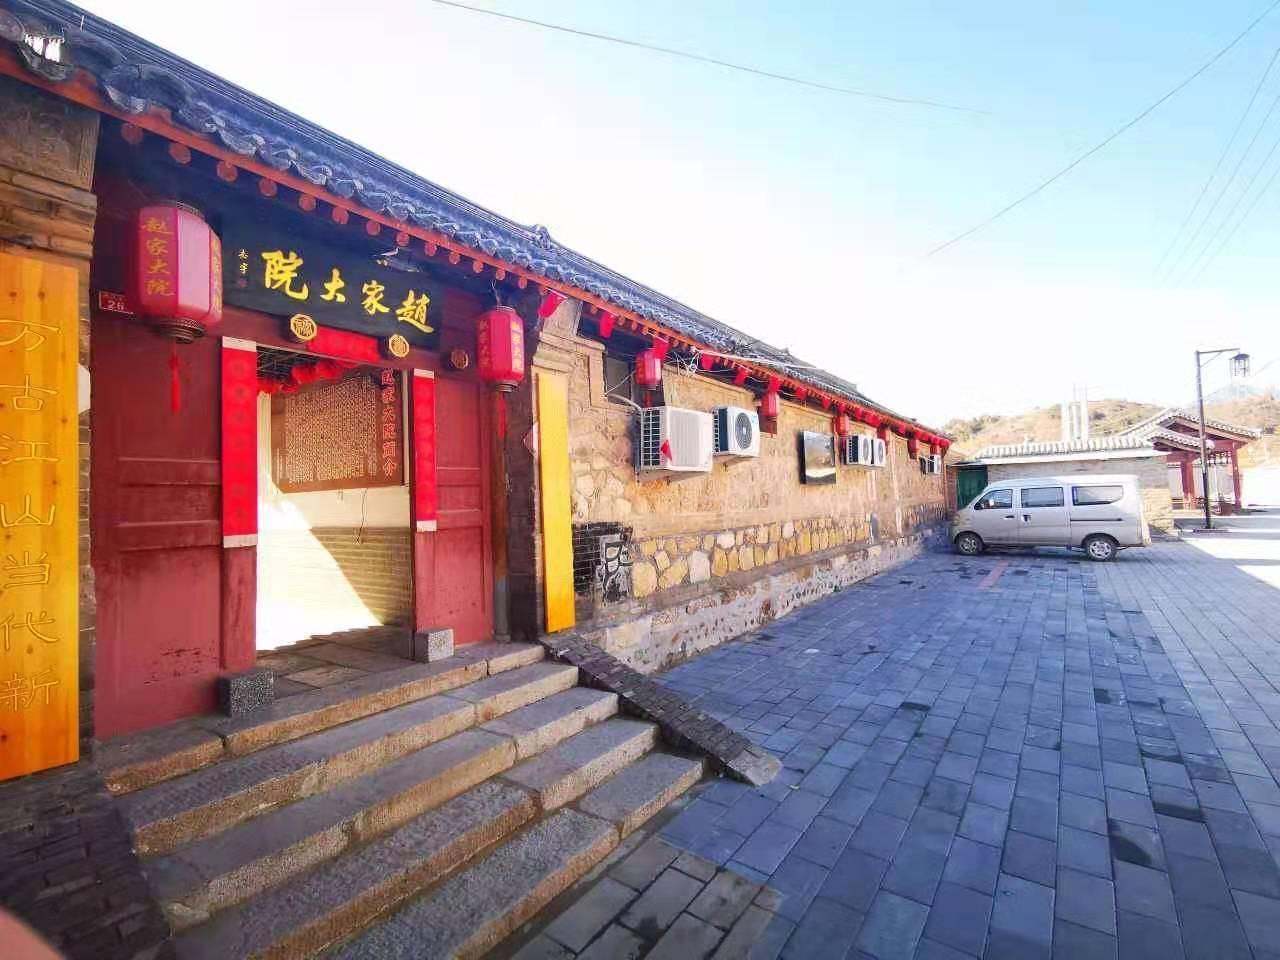 Gu Bei Kou Zhao Jia Da Yuan